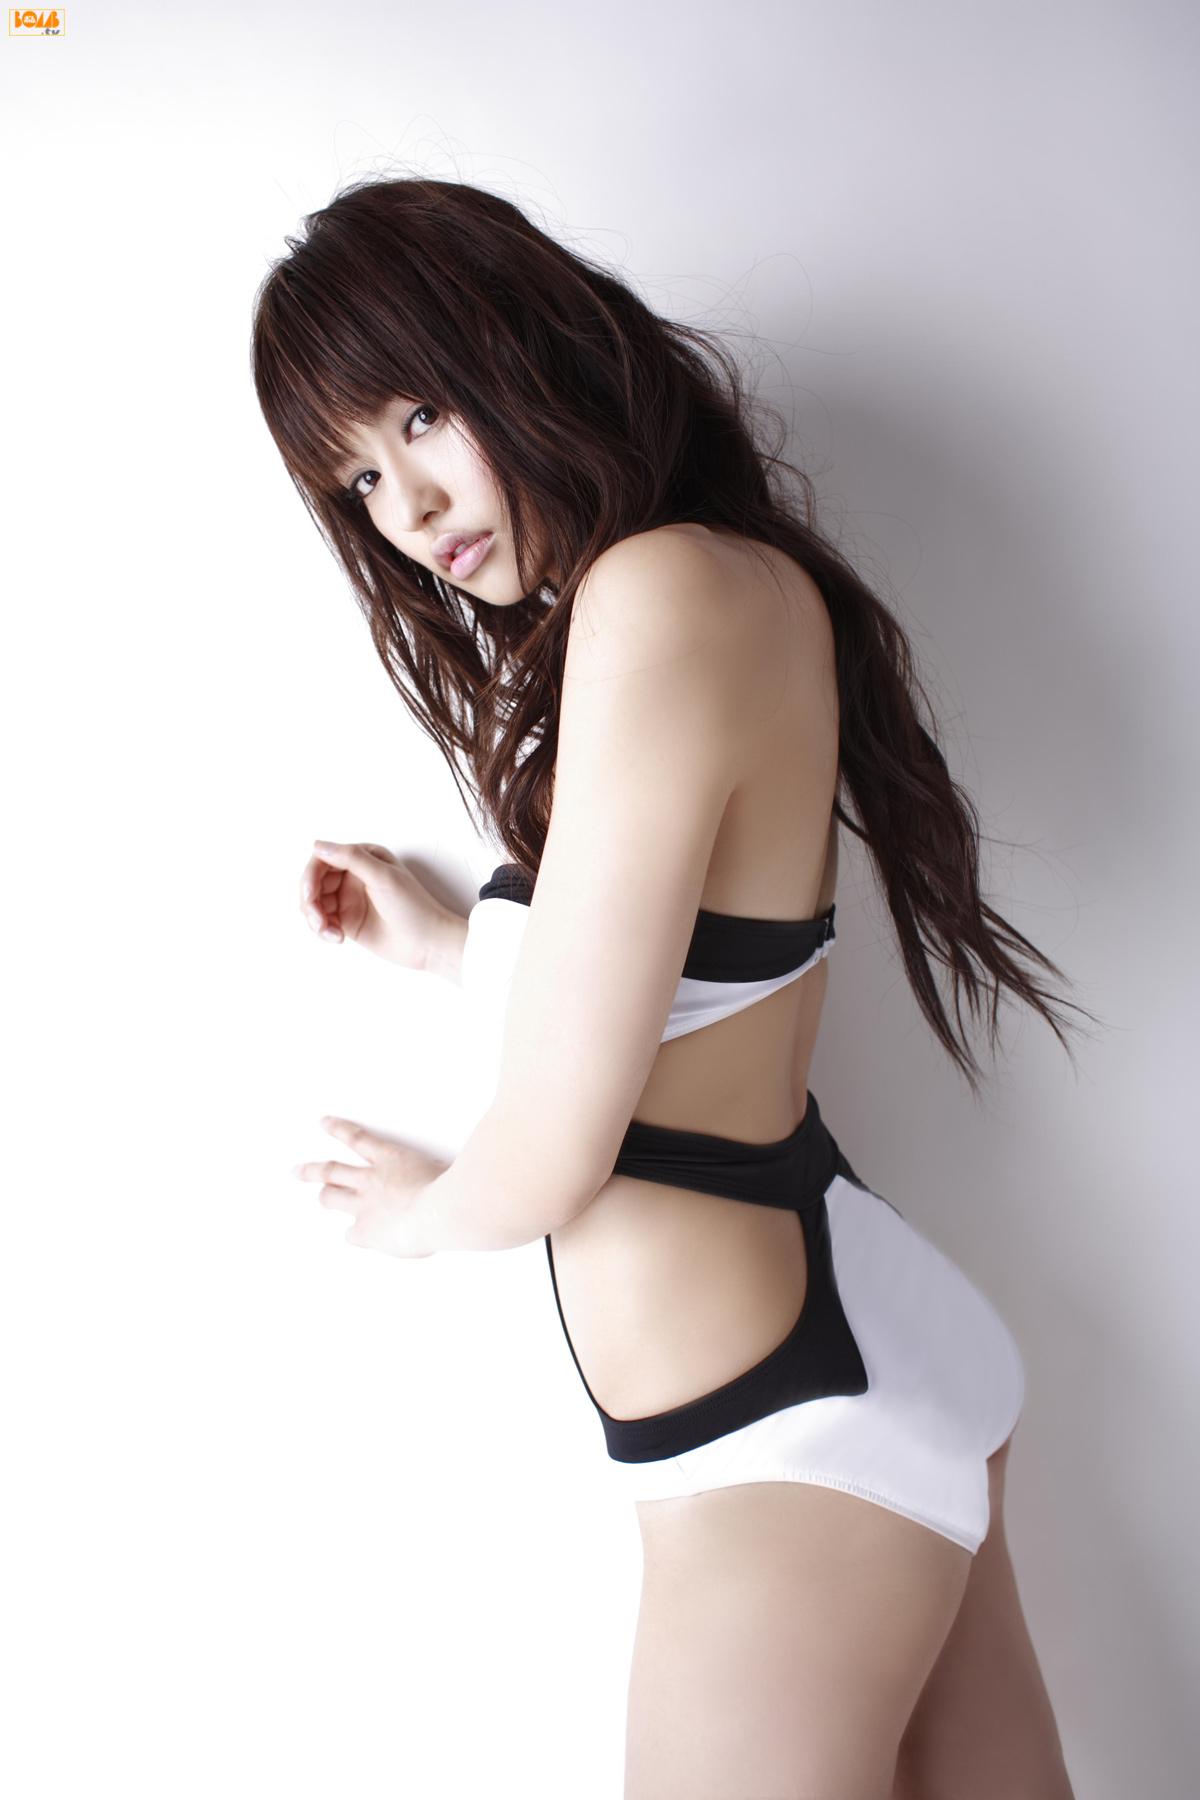 [Bomb.tv] 2007.05 Yuriko Shiratori 白鳥百合子 [48P22MB]